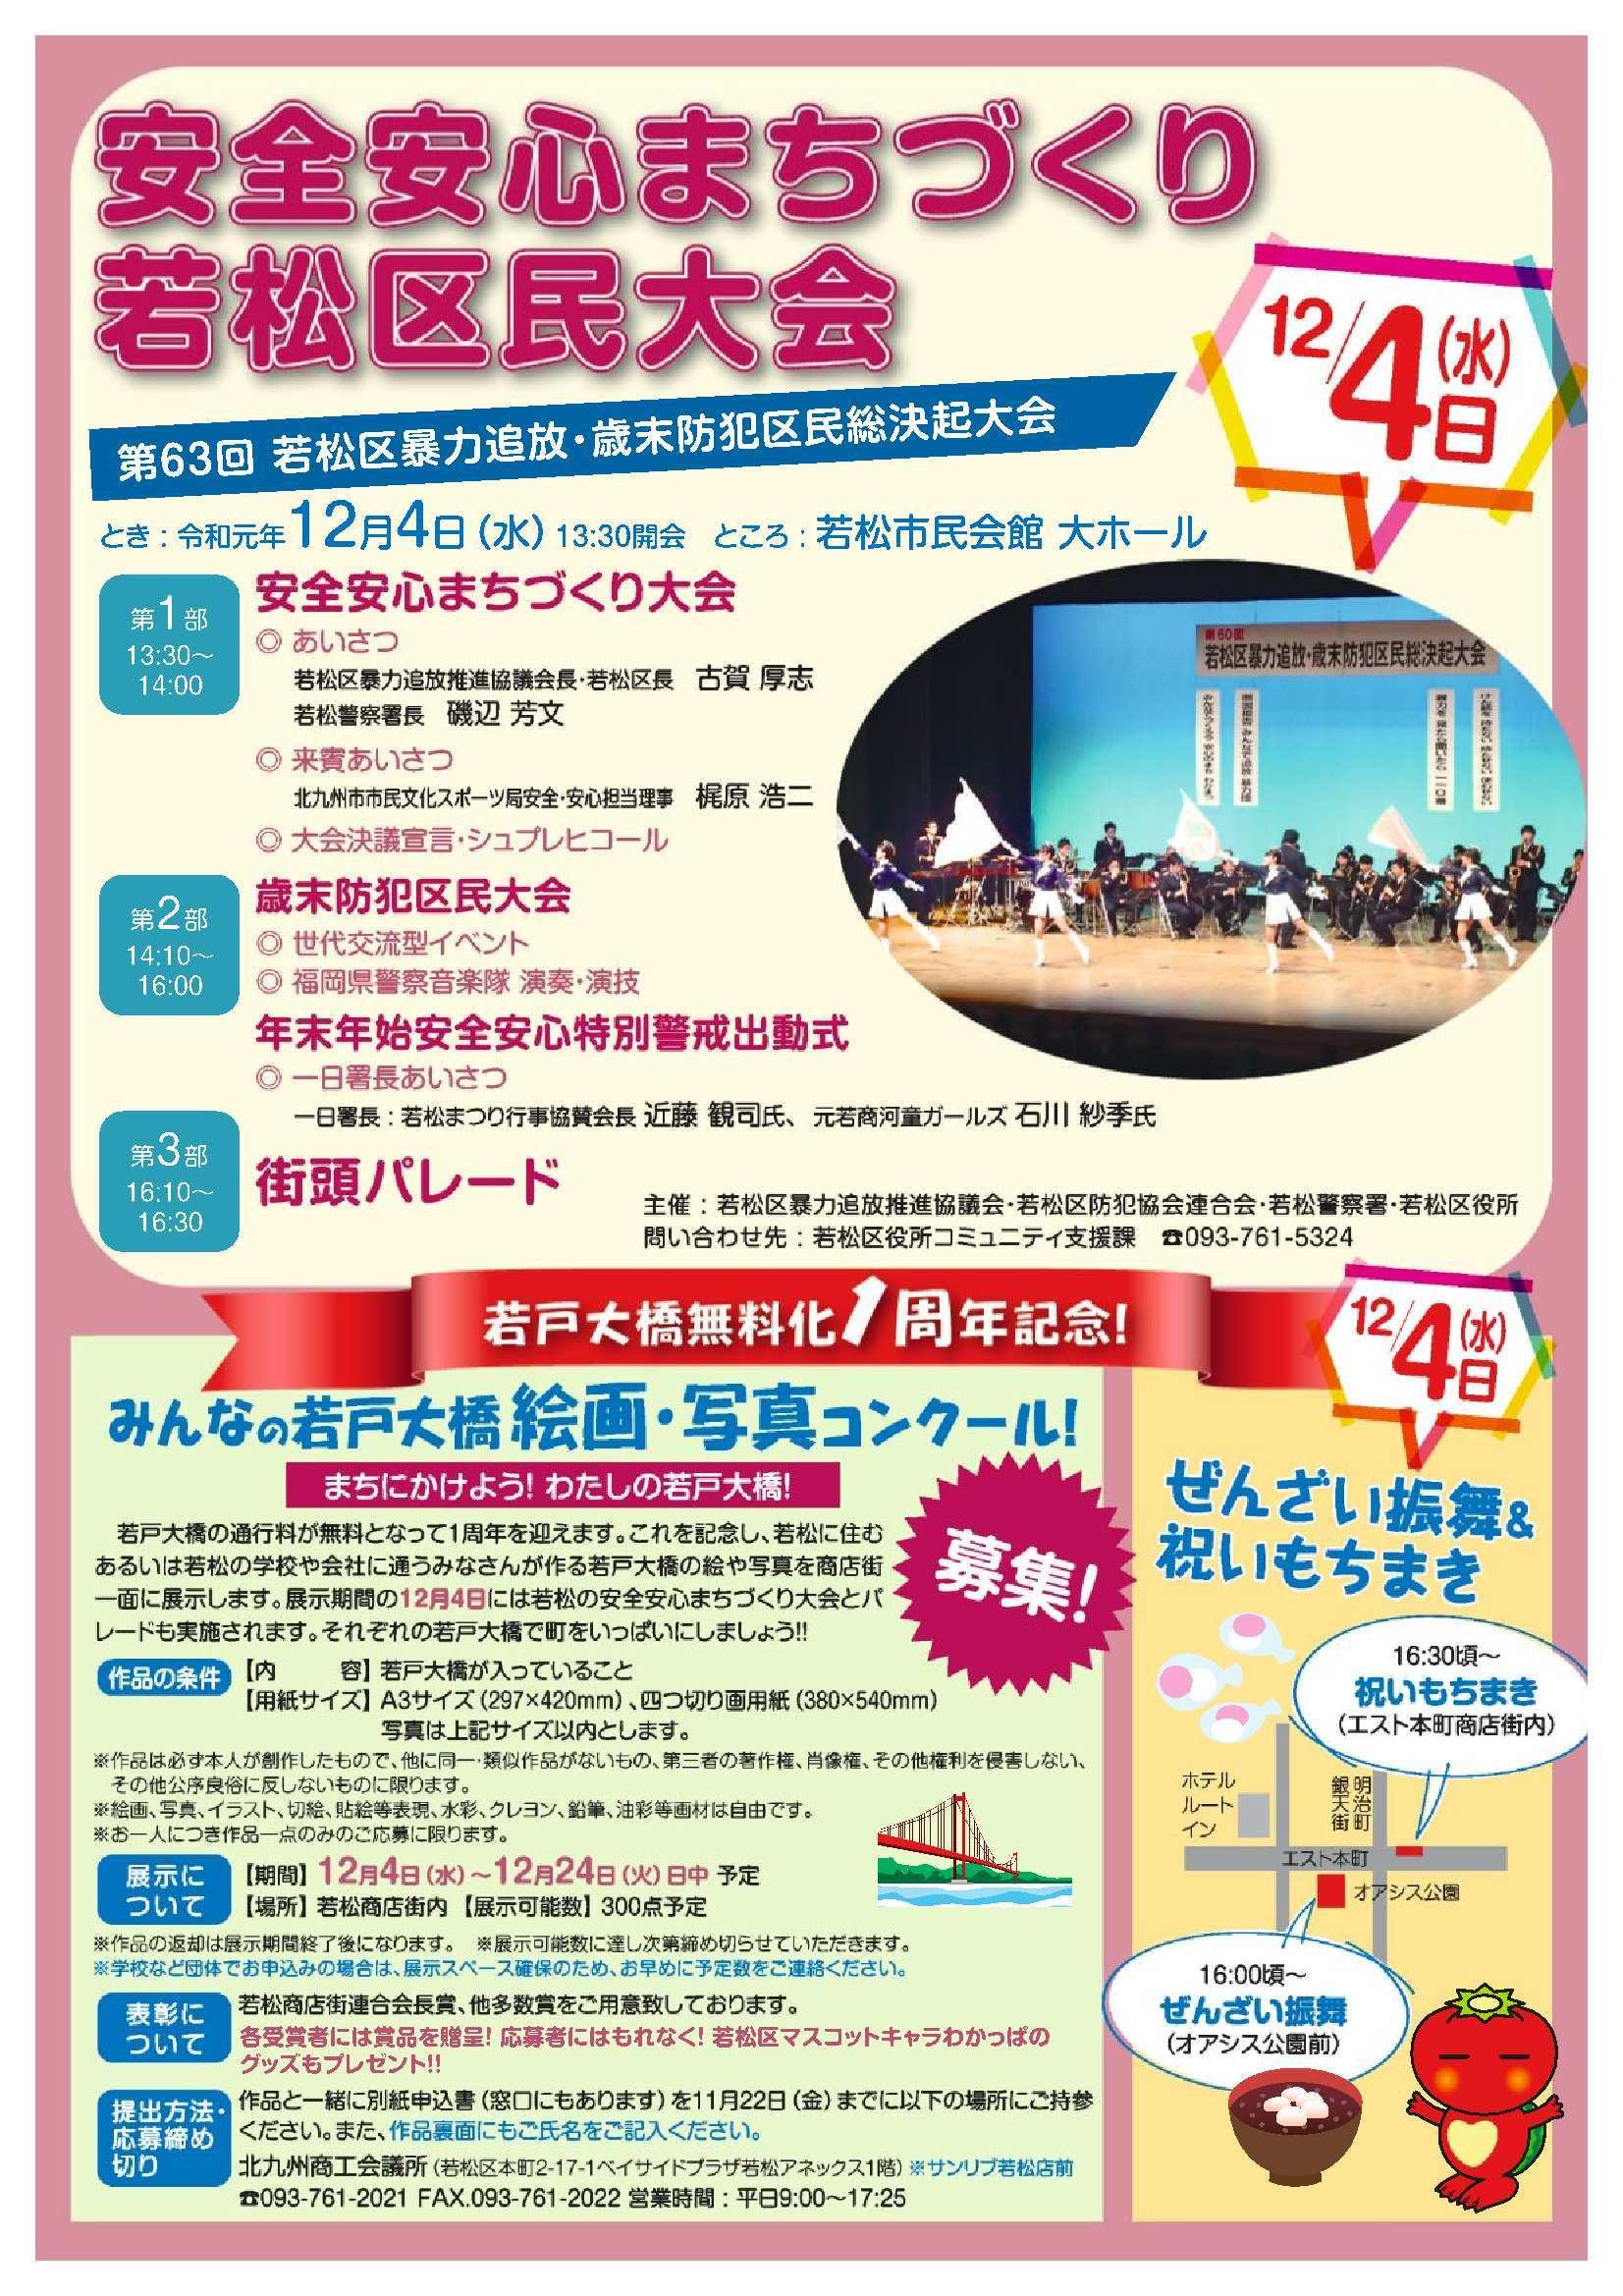 若戸大橋無料化1周年記念イベントのお知らせ_e0198627_17192799.jpg